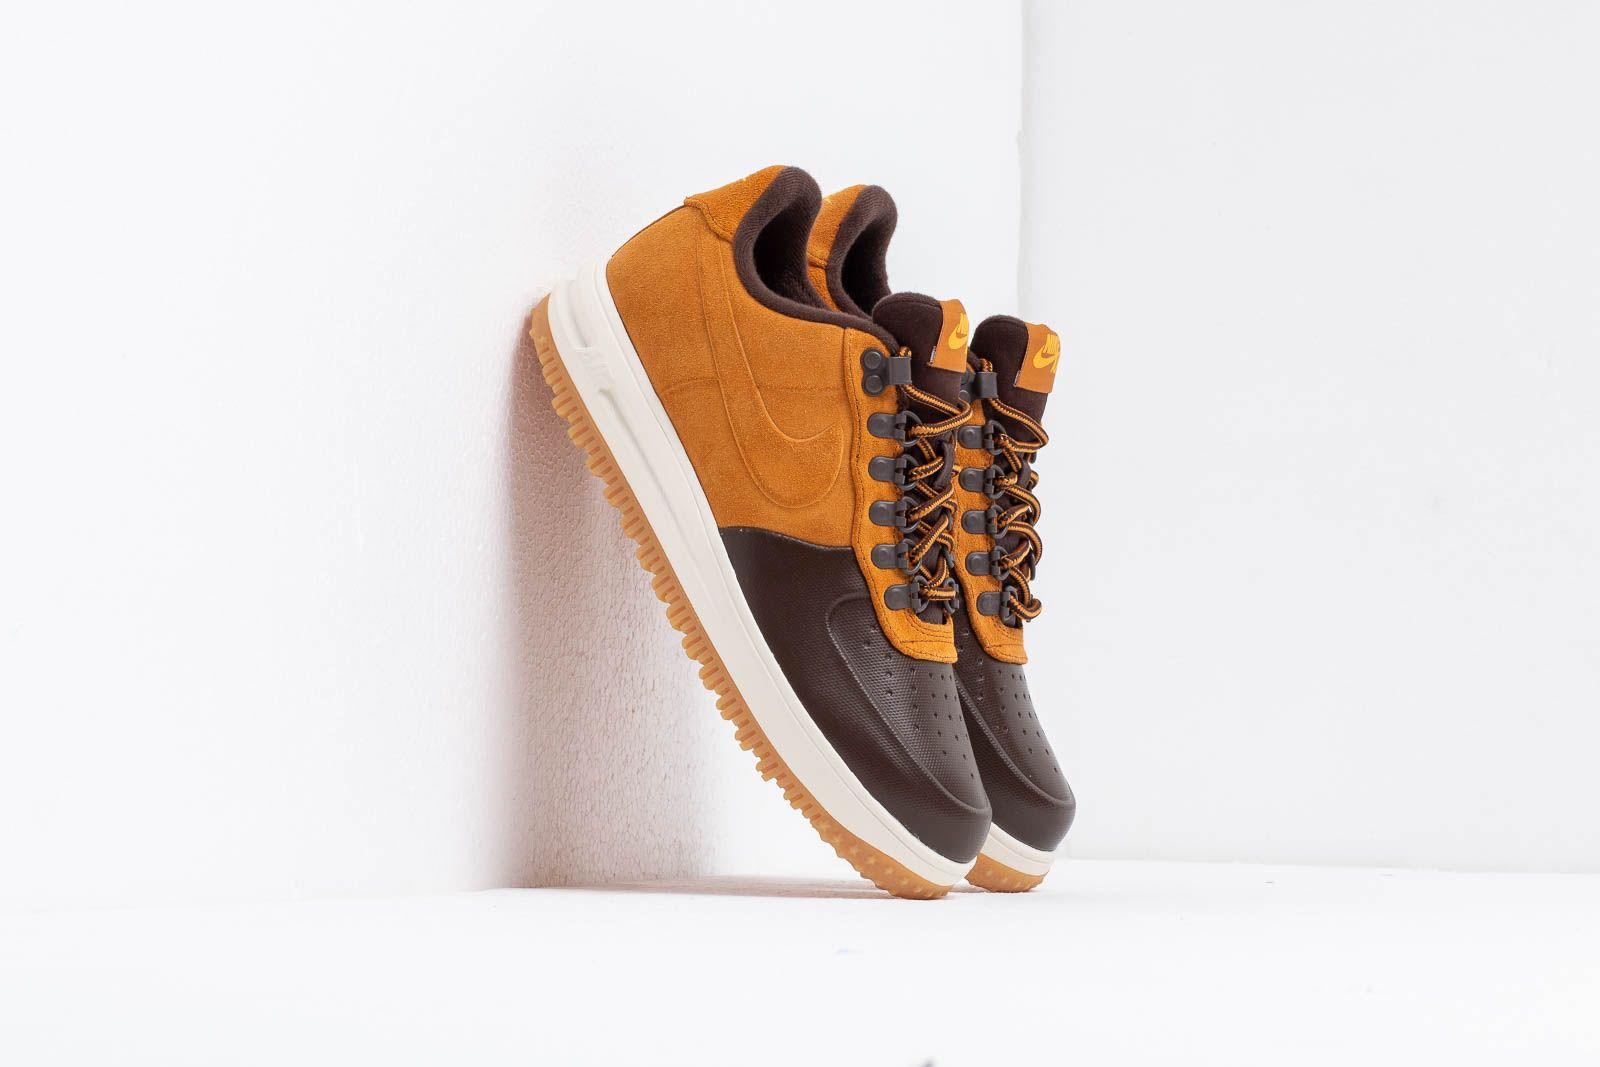 Nike Lf1 Duckboot Low